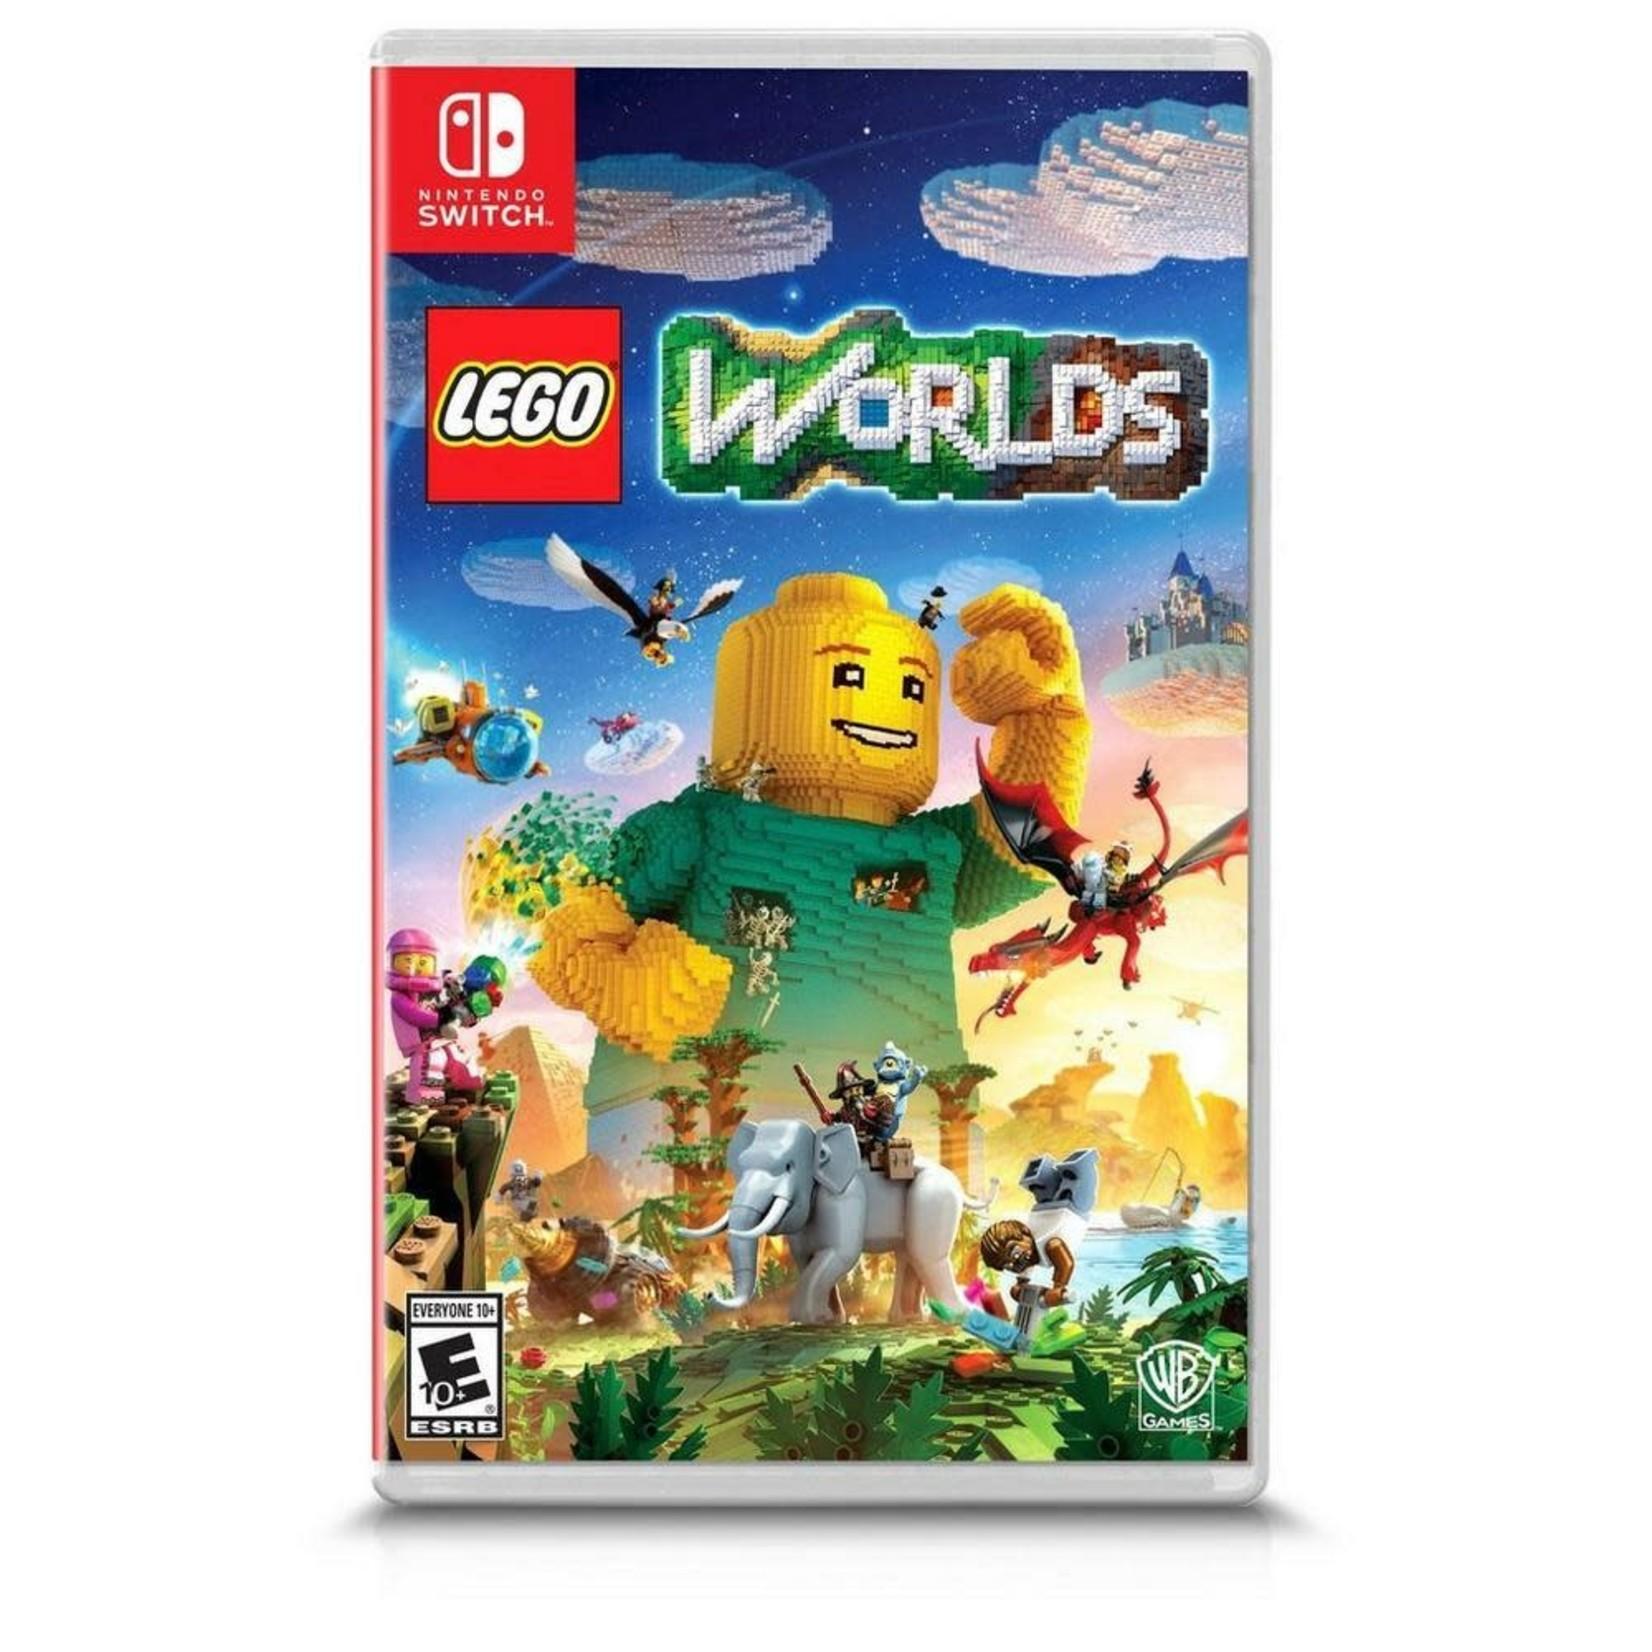 SWITCHU-LEGO Worlds